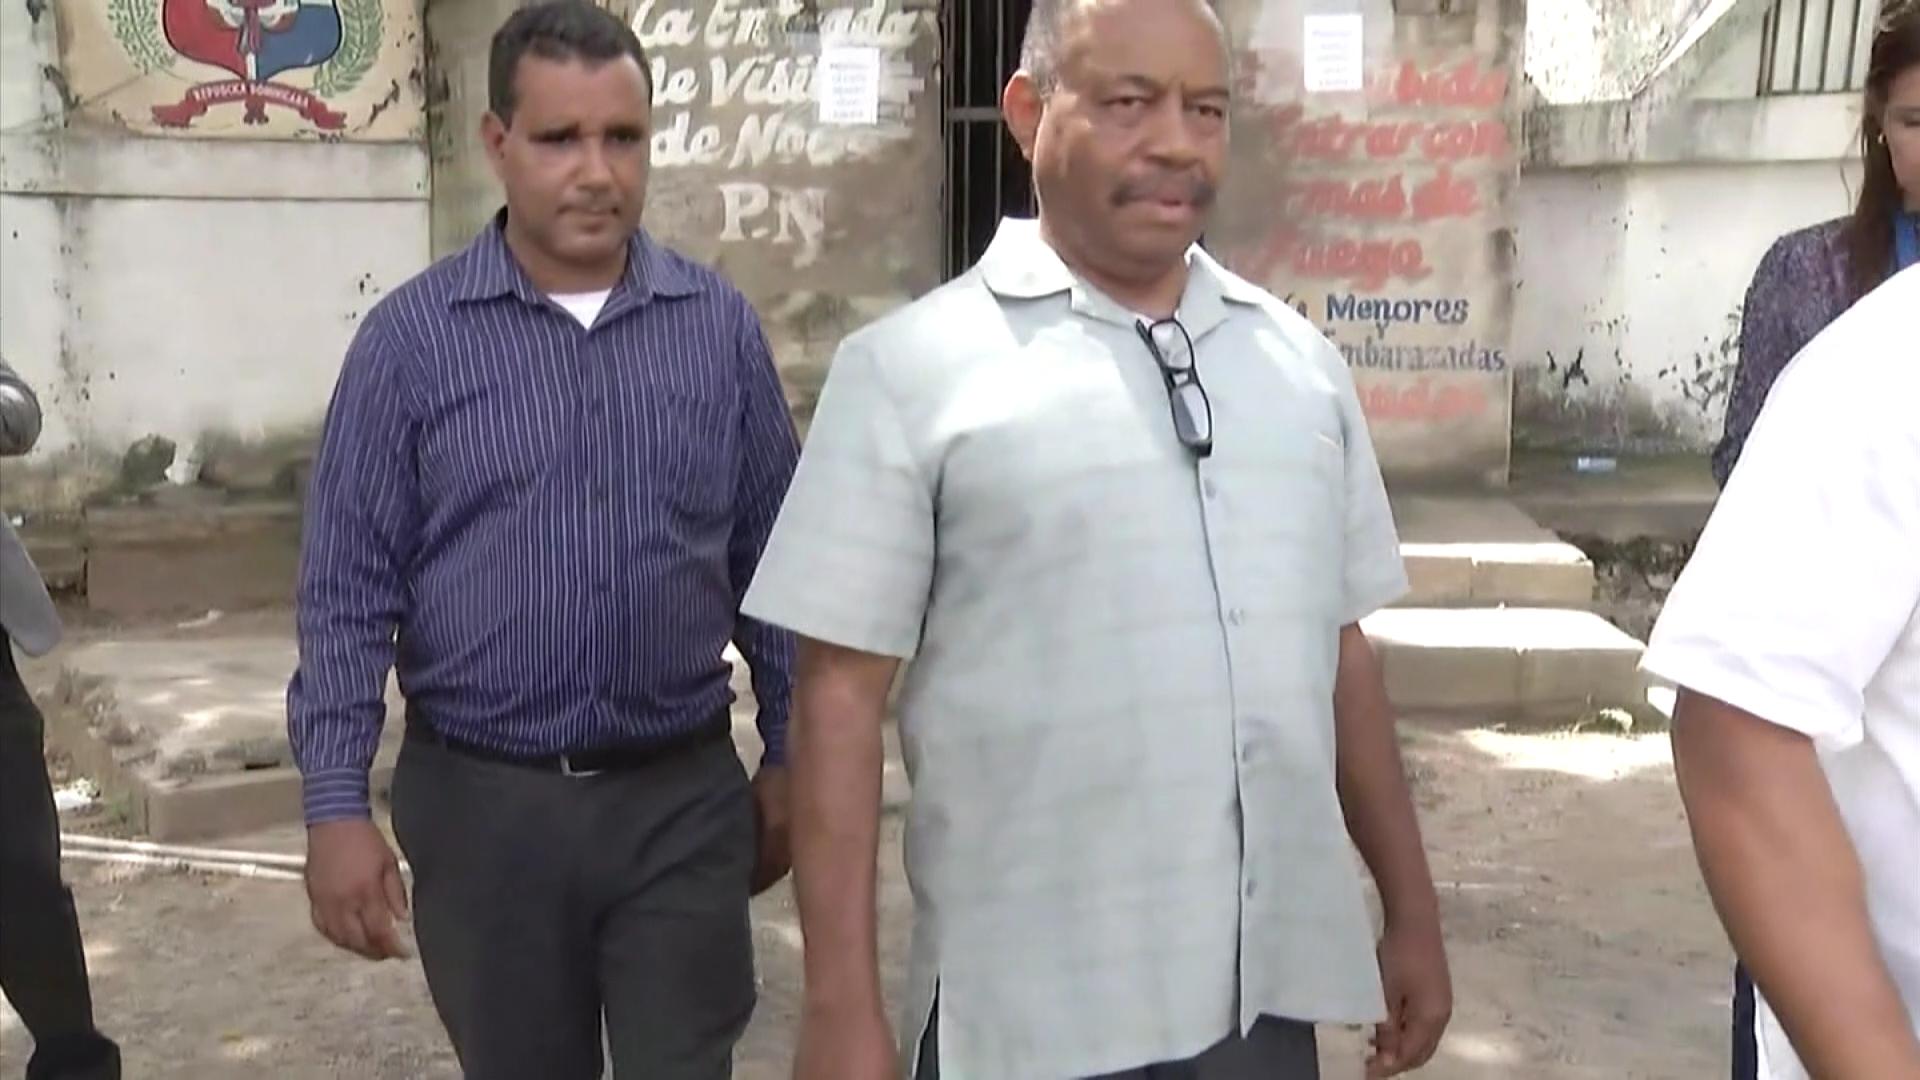 Presentación periódica a sacerdote acusado de maltrato físico a menores de edad